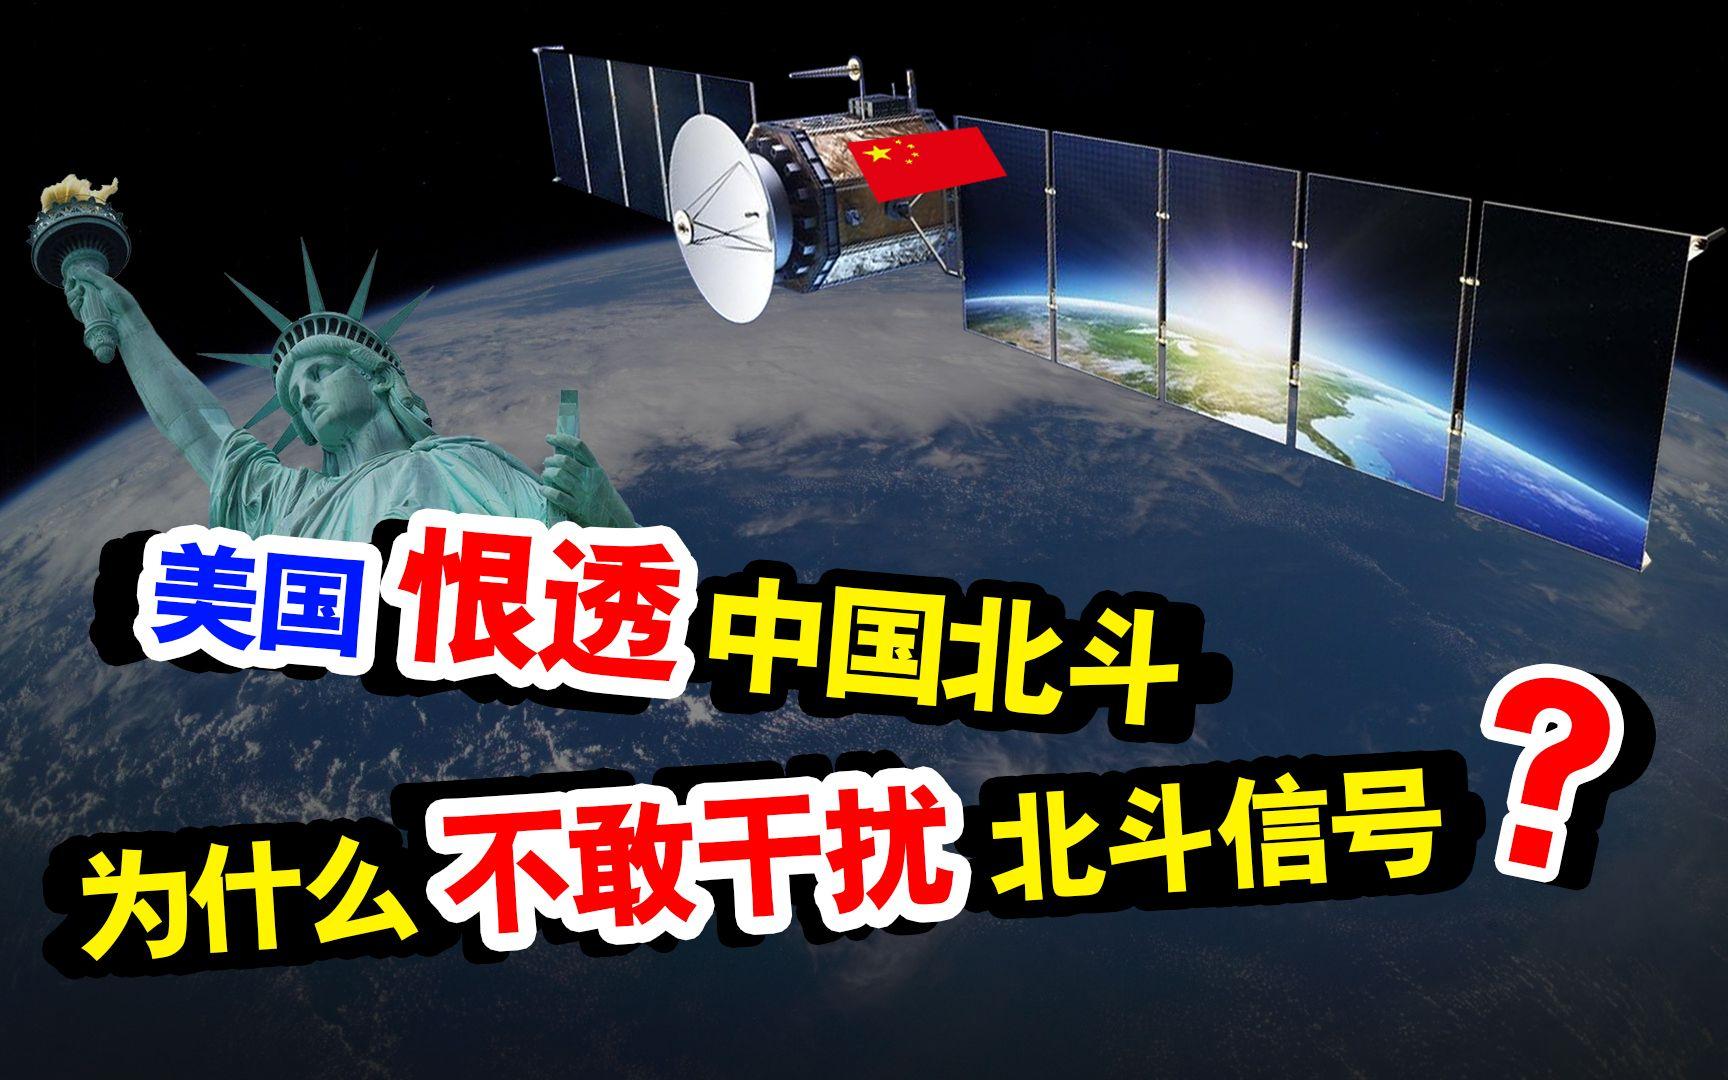 美国对中国北斗恨之入骨, 竟然没有胆量对中国北斗卫星下手?